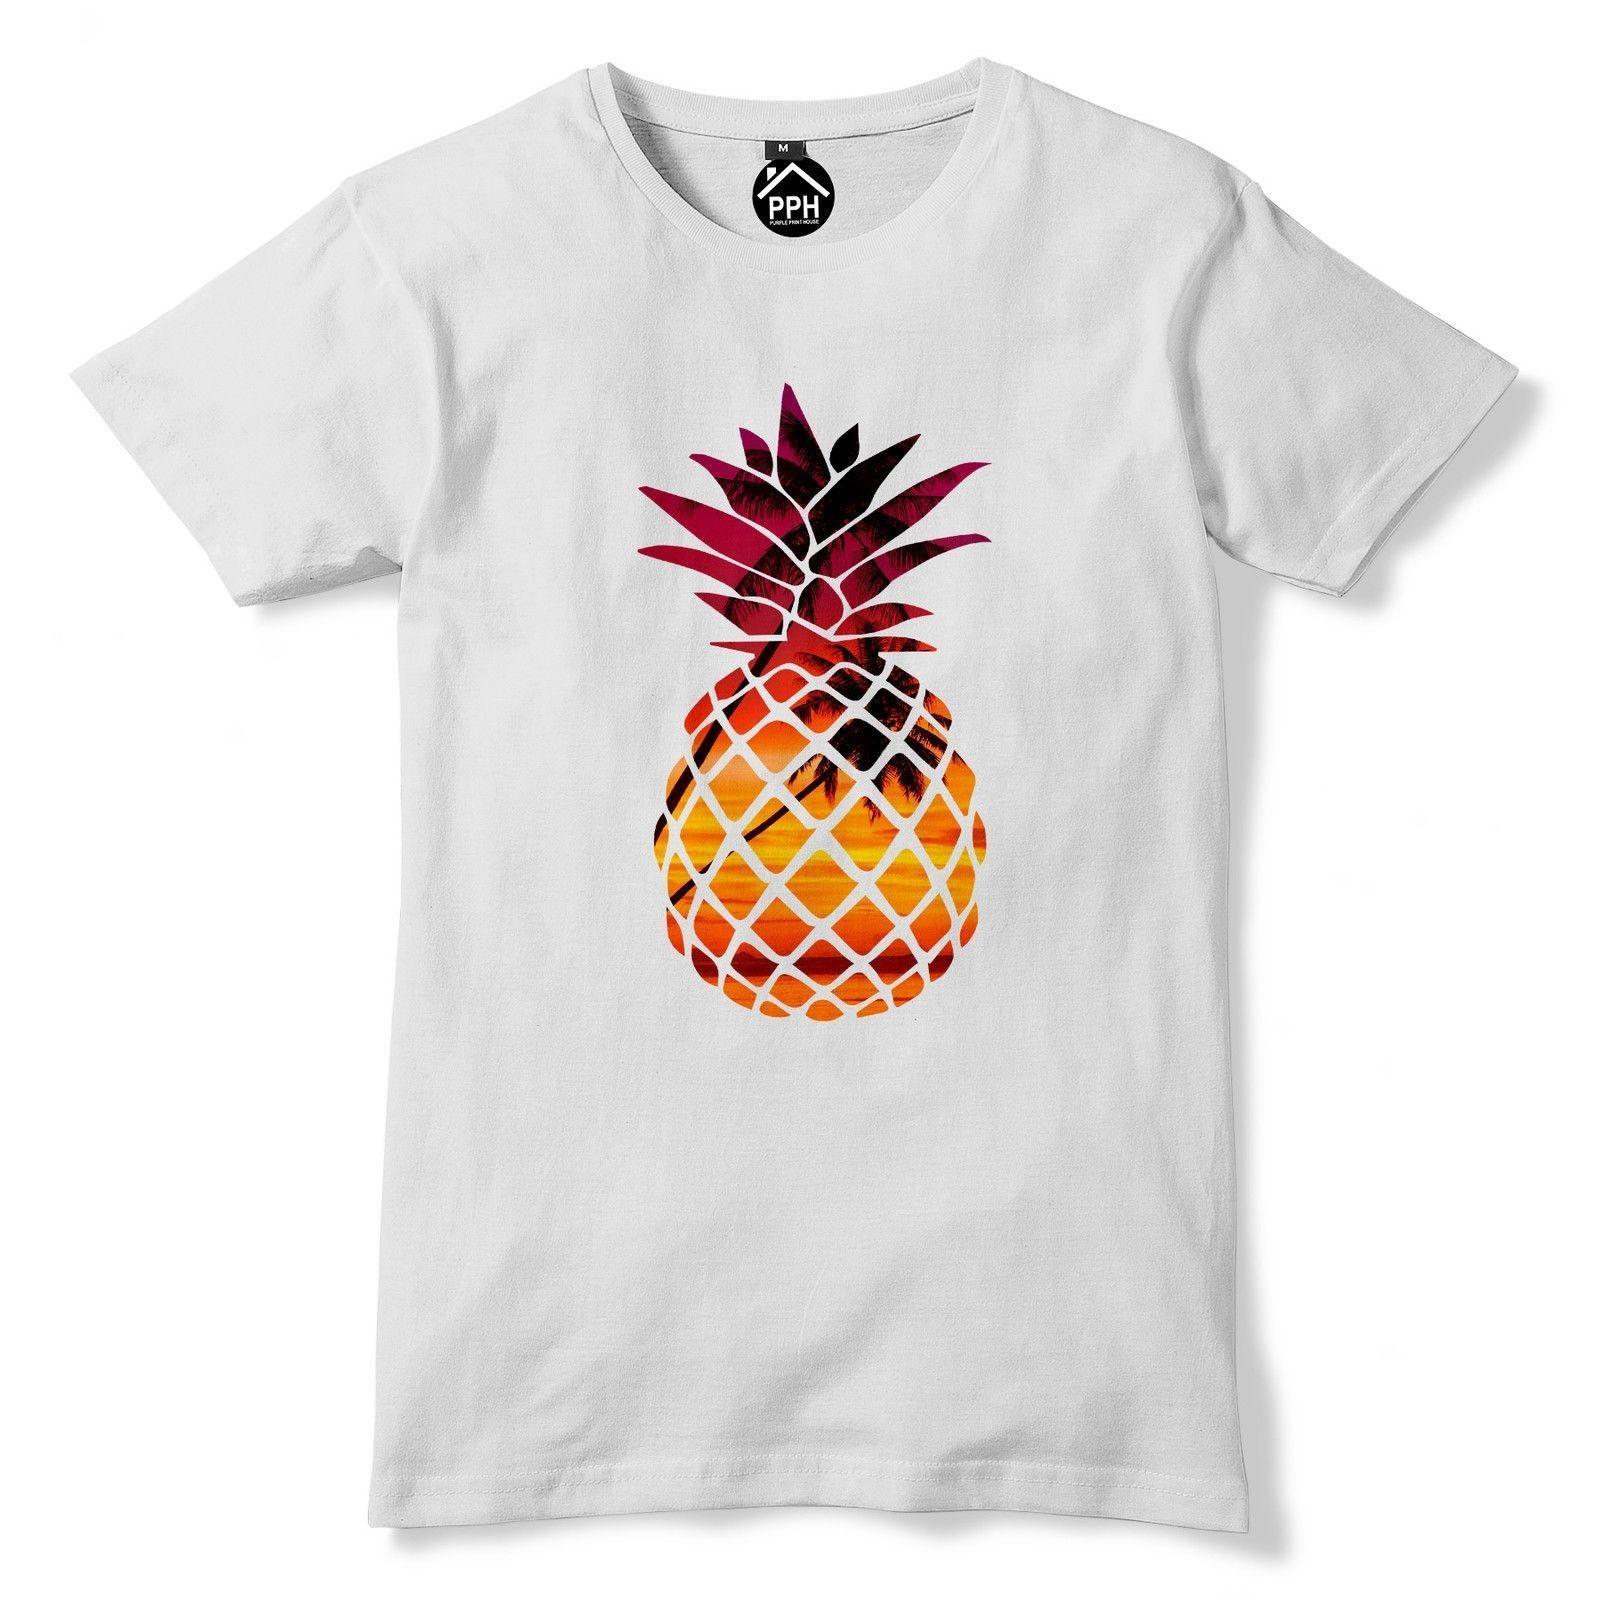 ea33b95590689 Tropical Pineapple Fruit Tshirt Mens Womens T Shirt Exotic Summer Palm Tree  98 Top T Shirt Funny 100% Cotton T Shirt Funny Tee Shirt Buy T Shirt  Designs ...